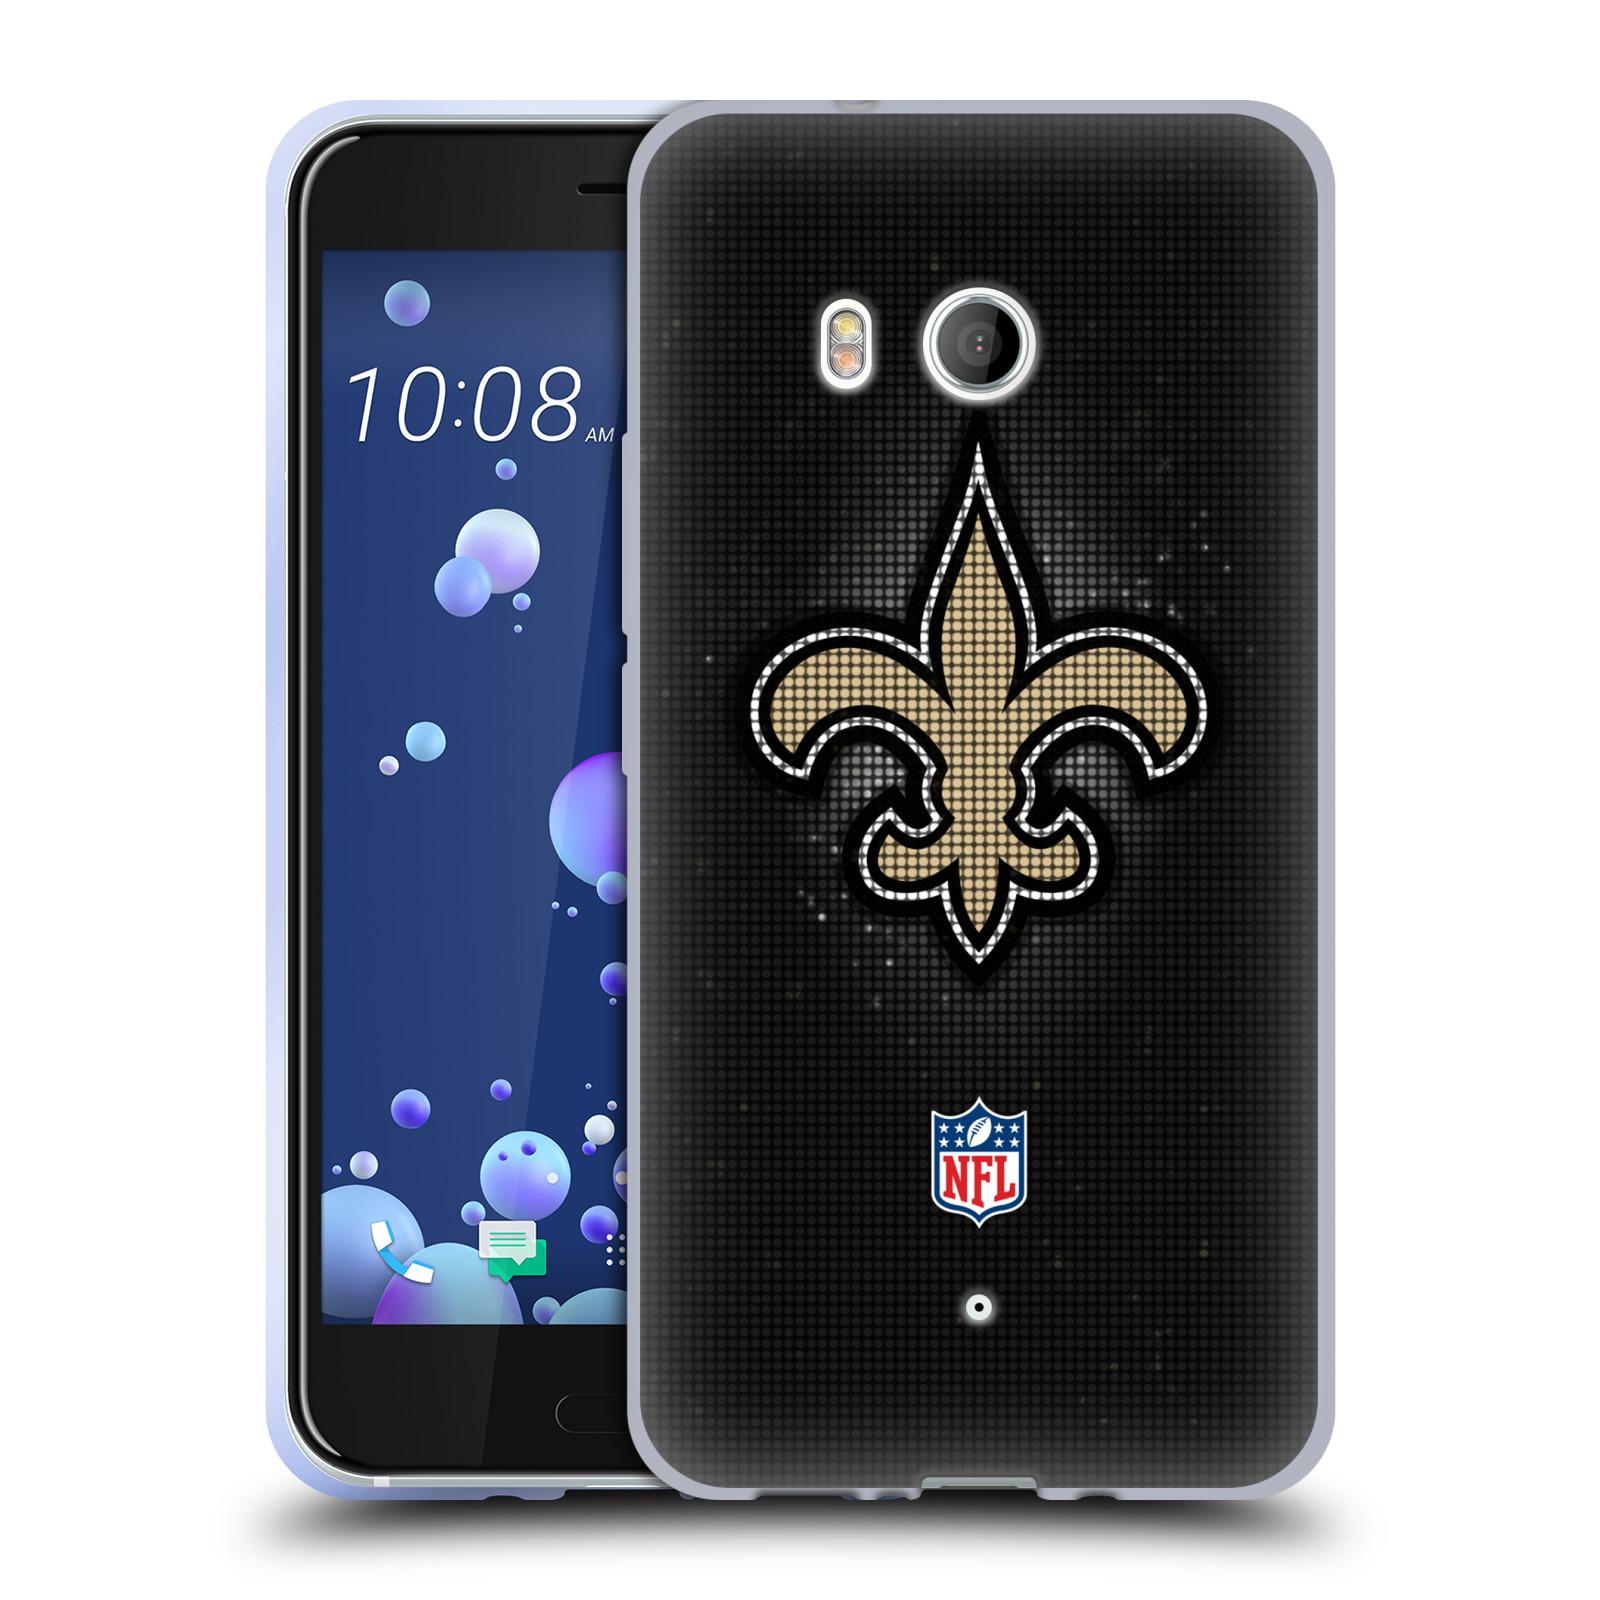 Oficial-de-la-NFL-2017-18-New-Orleans-Saints-caso-De-Gel-Suave-para-TELEFONOS-HTC-1